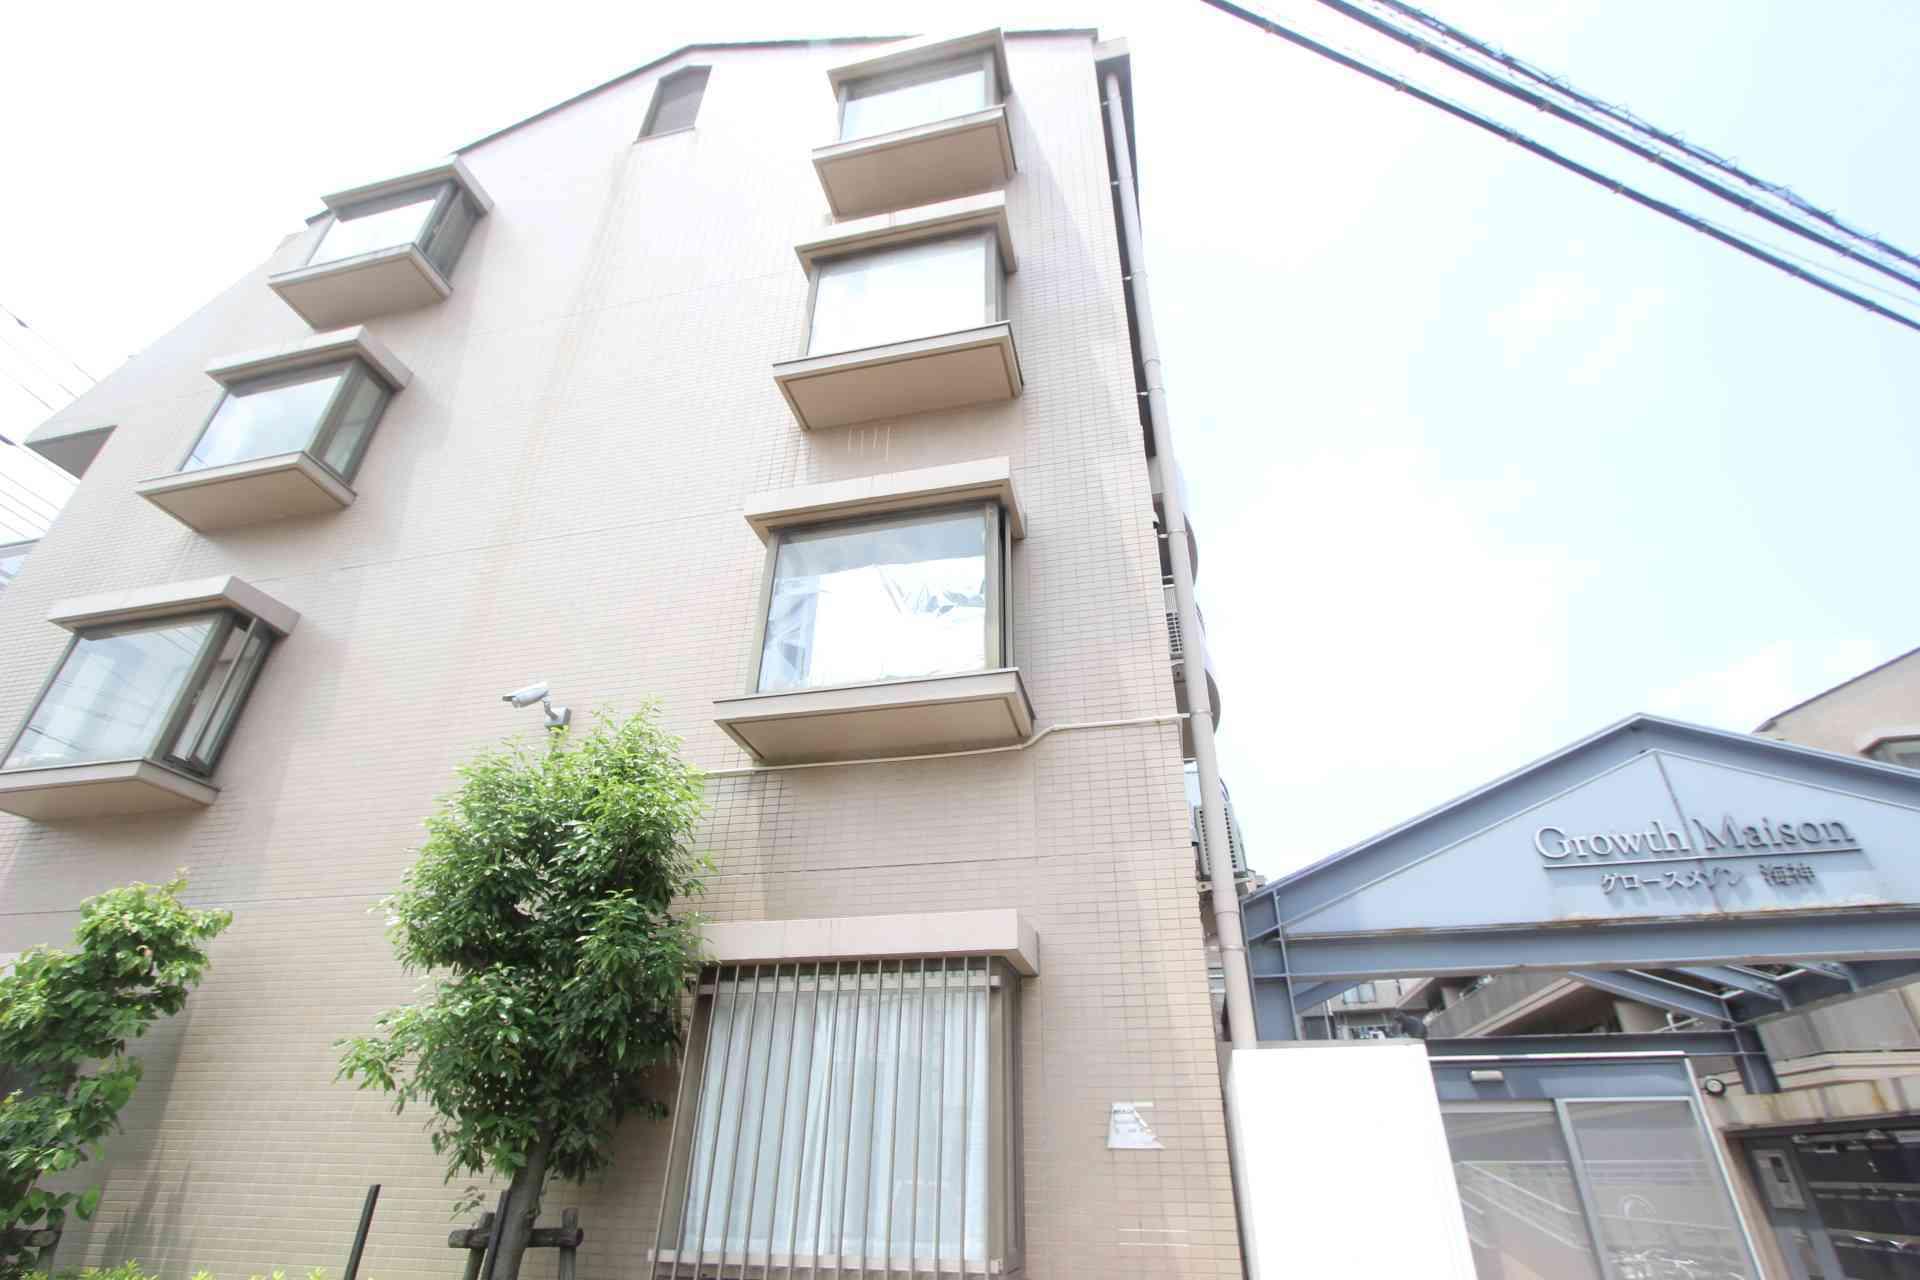 千葉県船橋市、新船橋駅徒歩9分の築24年 4階建の賃貸マンション